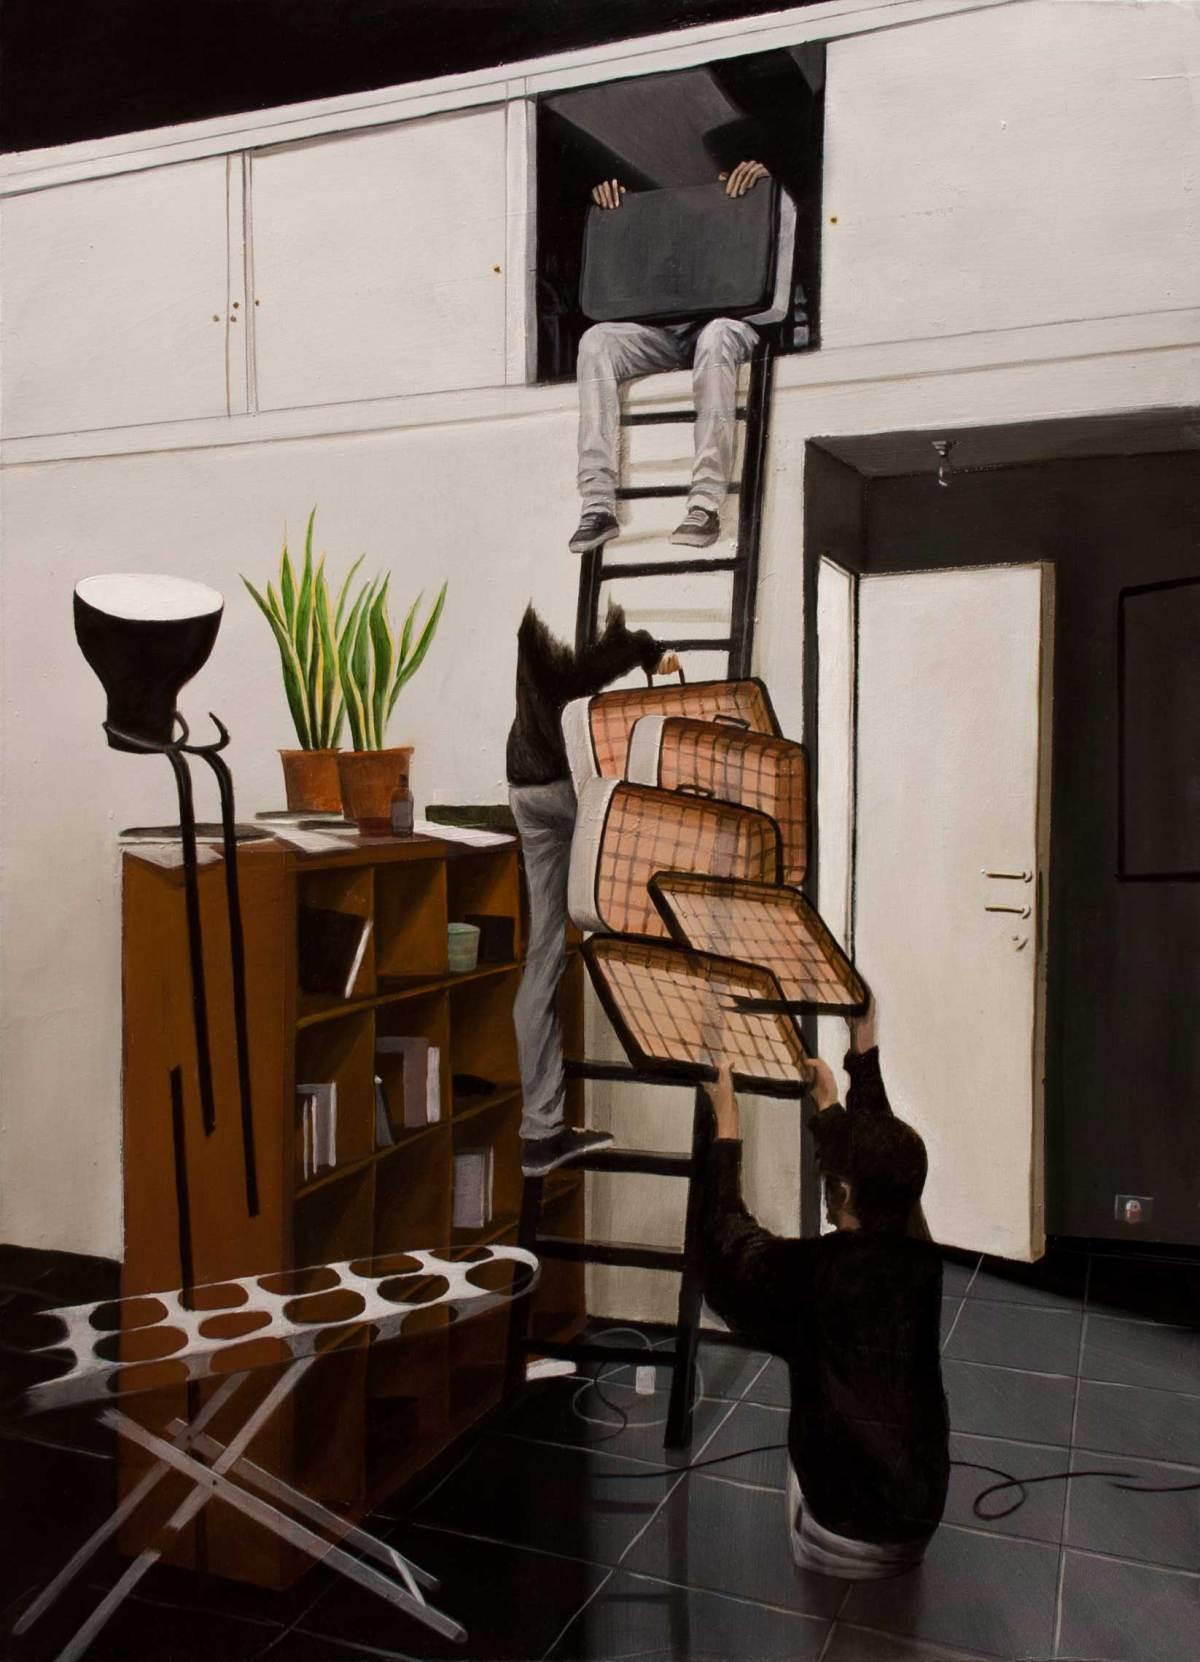 Dario Maglionico Art Reification